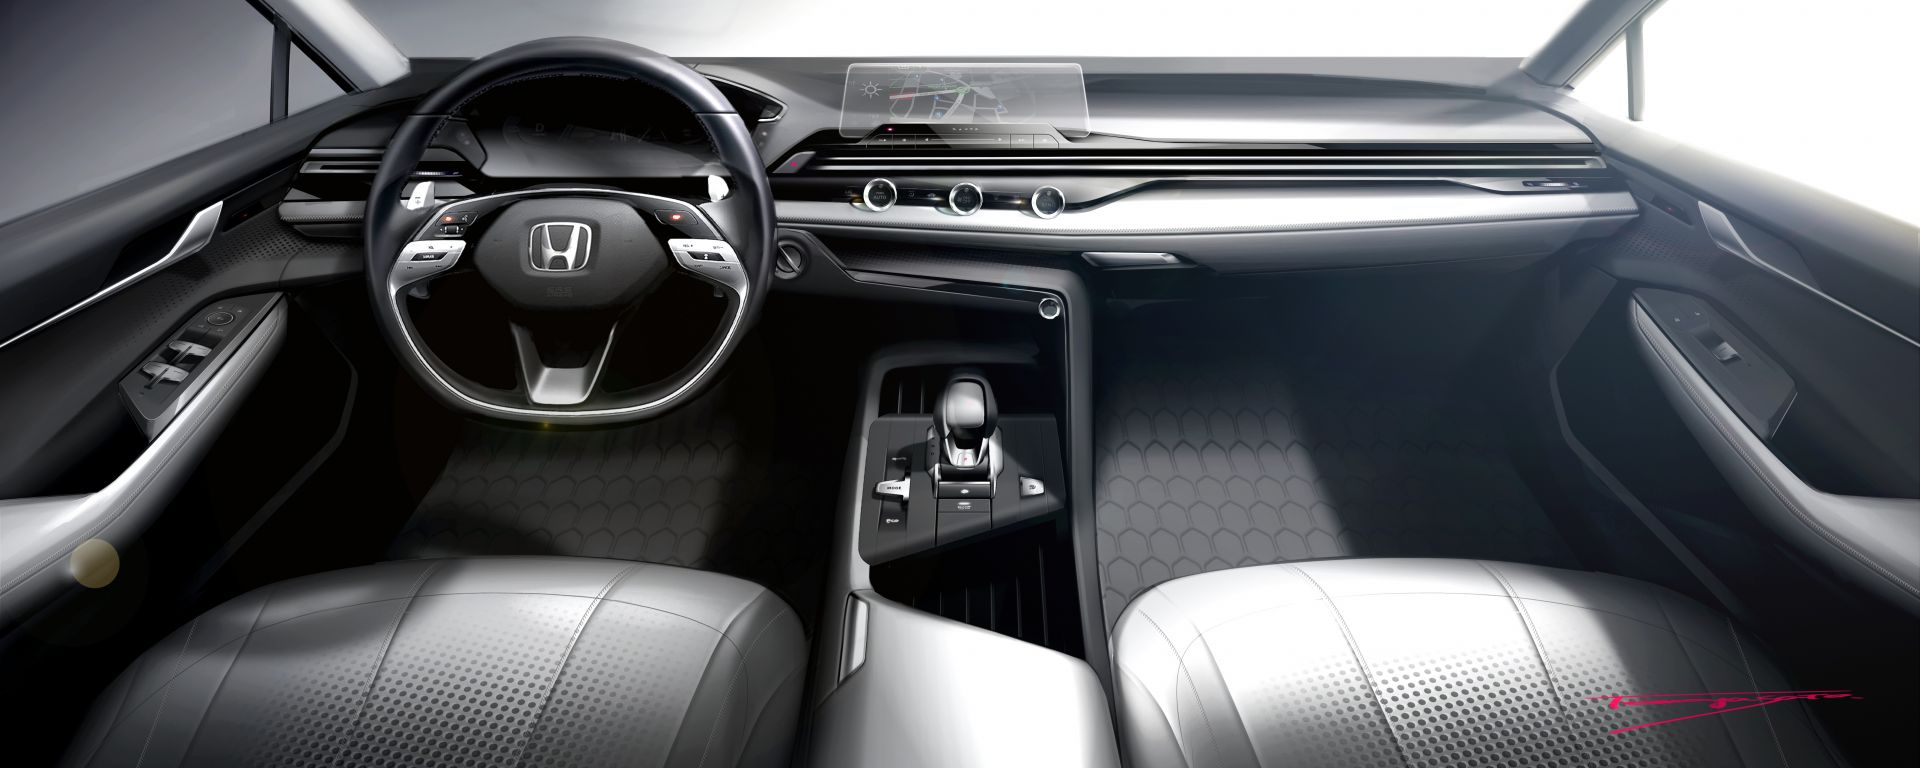 Nuova Honda Civic 2022, il teaser degli interni